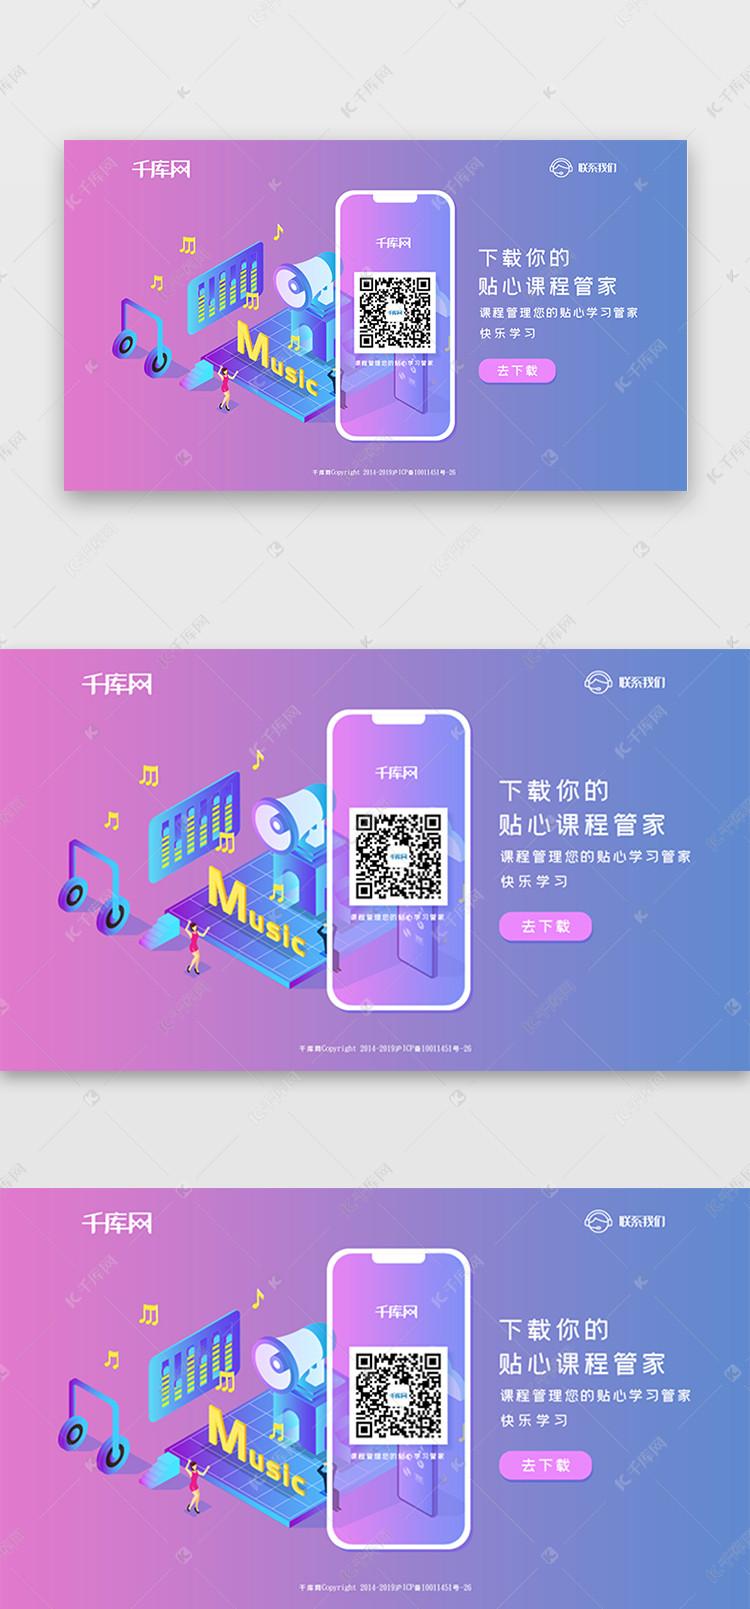 音乐软件app紫红调装修页面ui设计素材下载5.3m高地下室v紫红图片